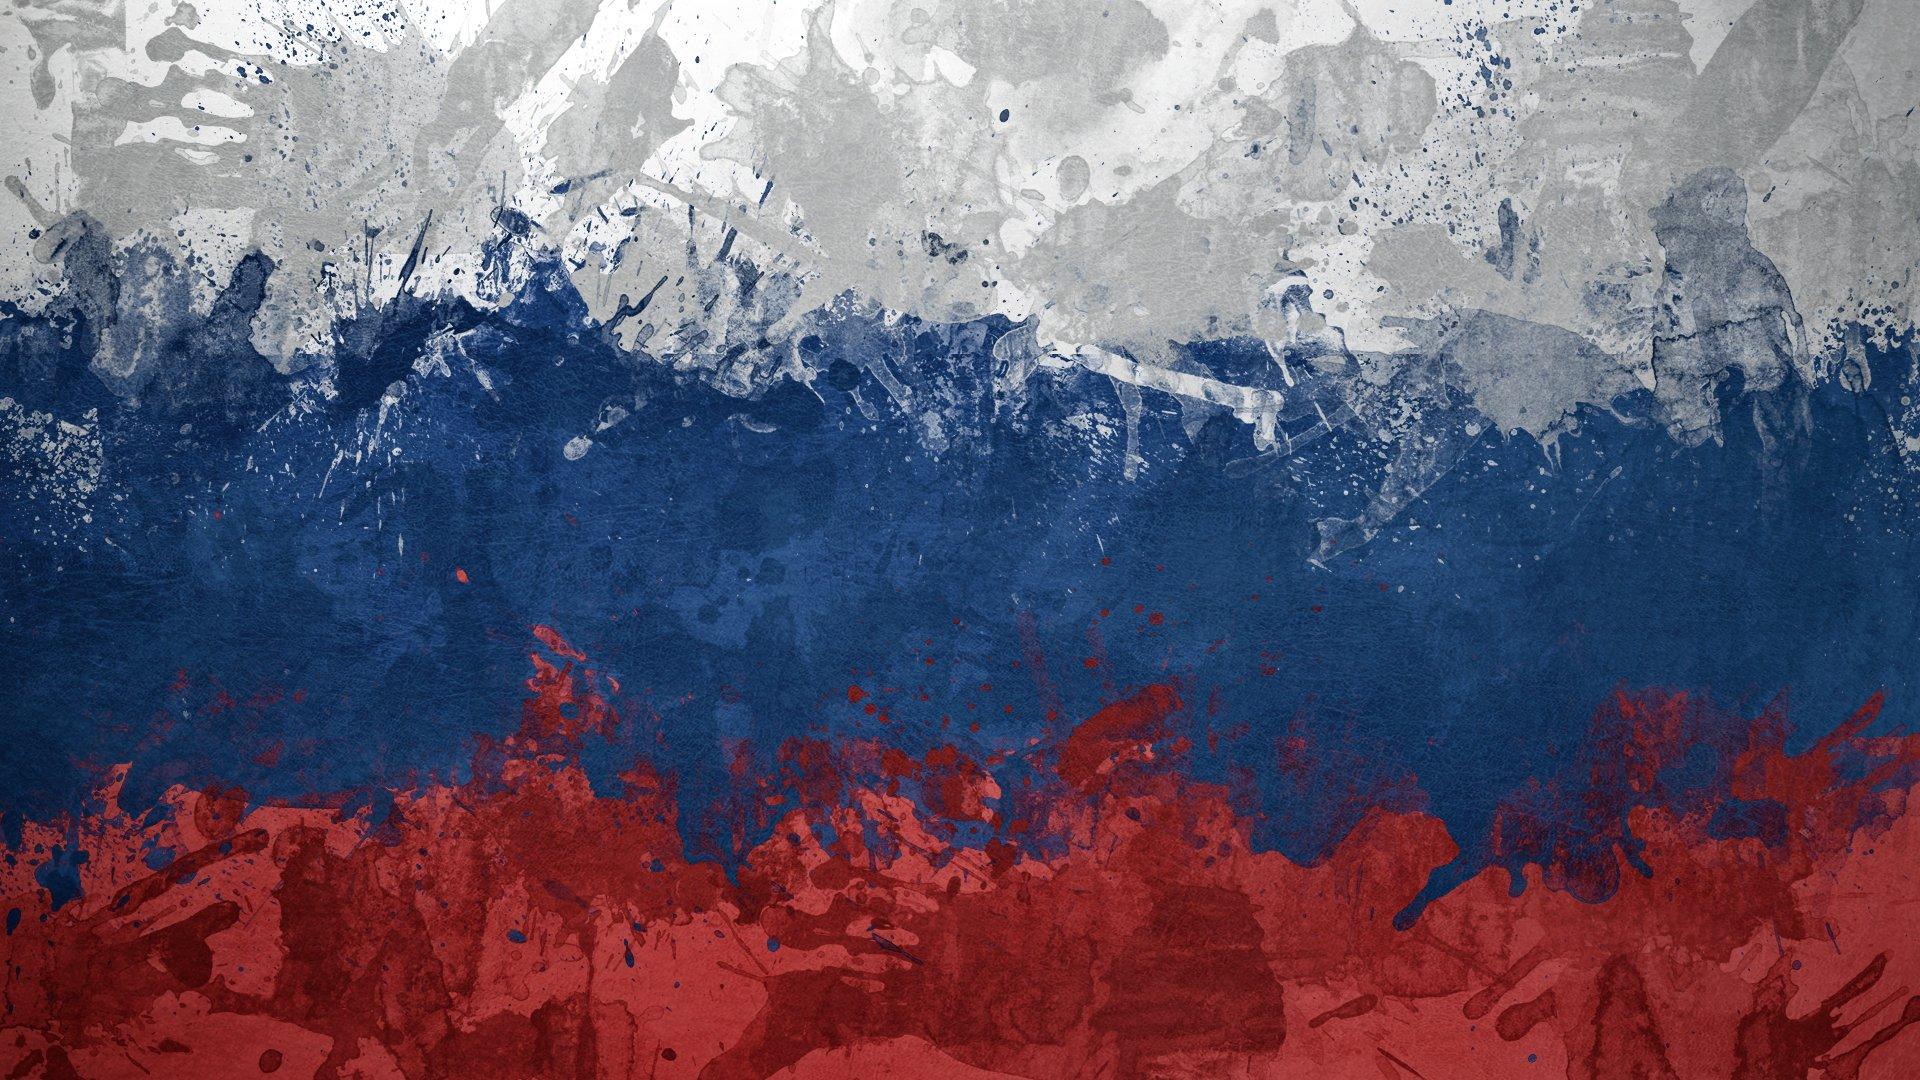 обои на телефон флаги россии один лидеров россии